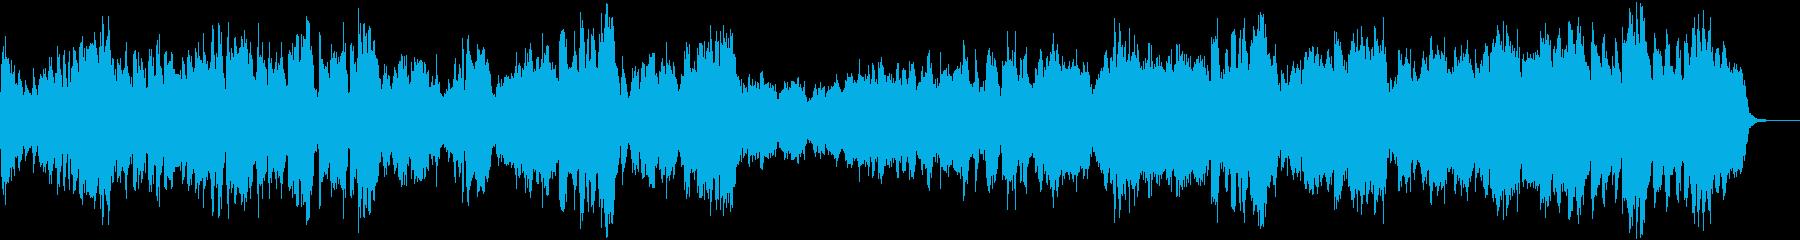 期待感高まるオープニングファンファーレの再生済みの波形